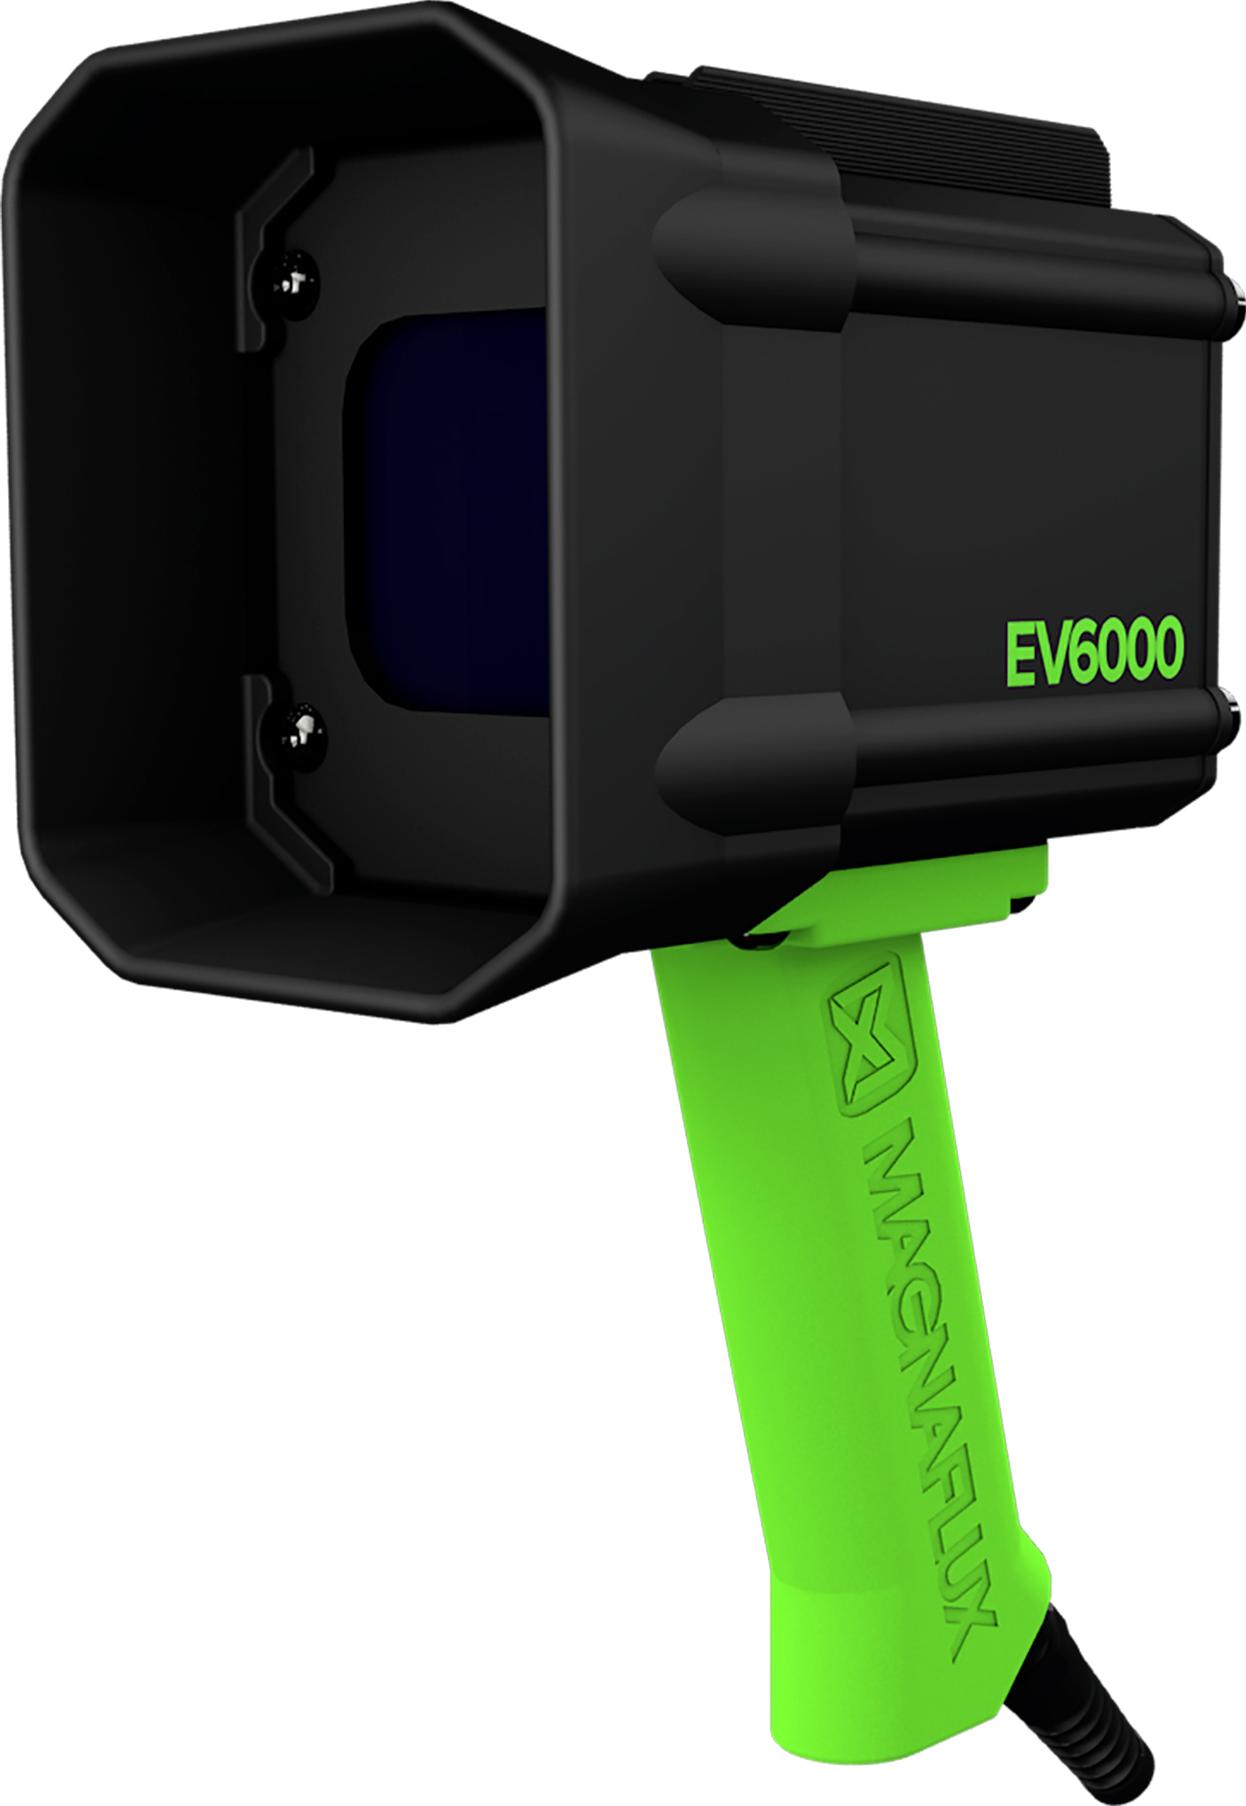 EV6000 UV LED Black Light